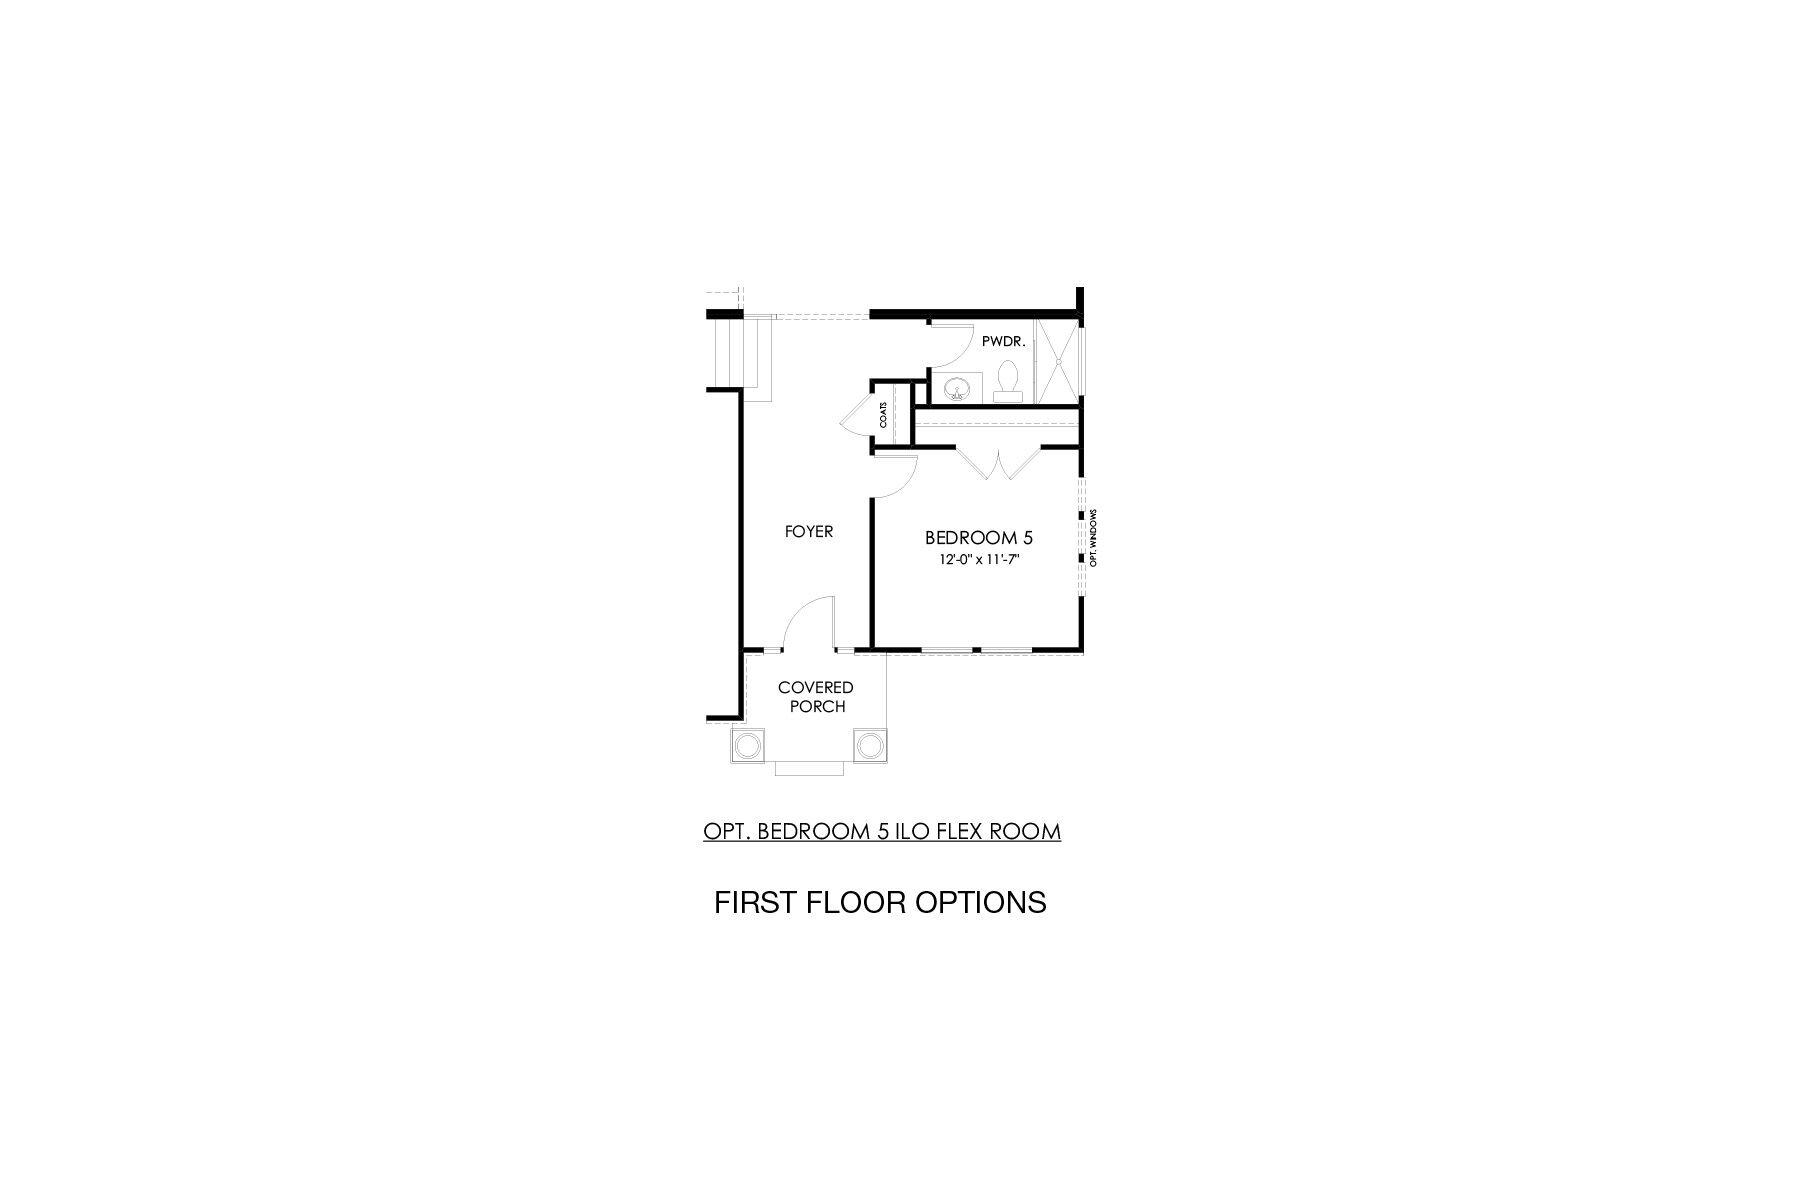 Stanley First Floor Options